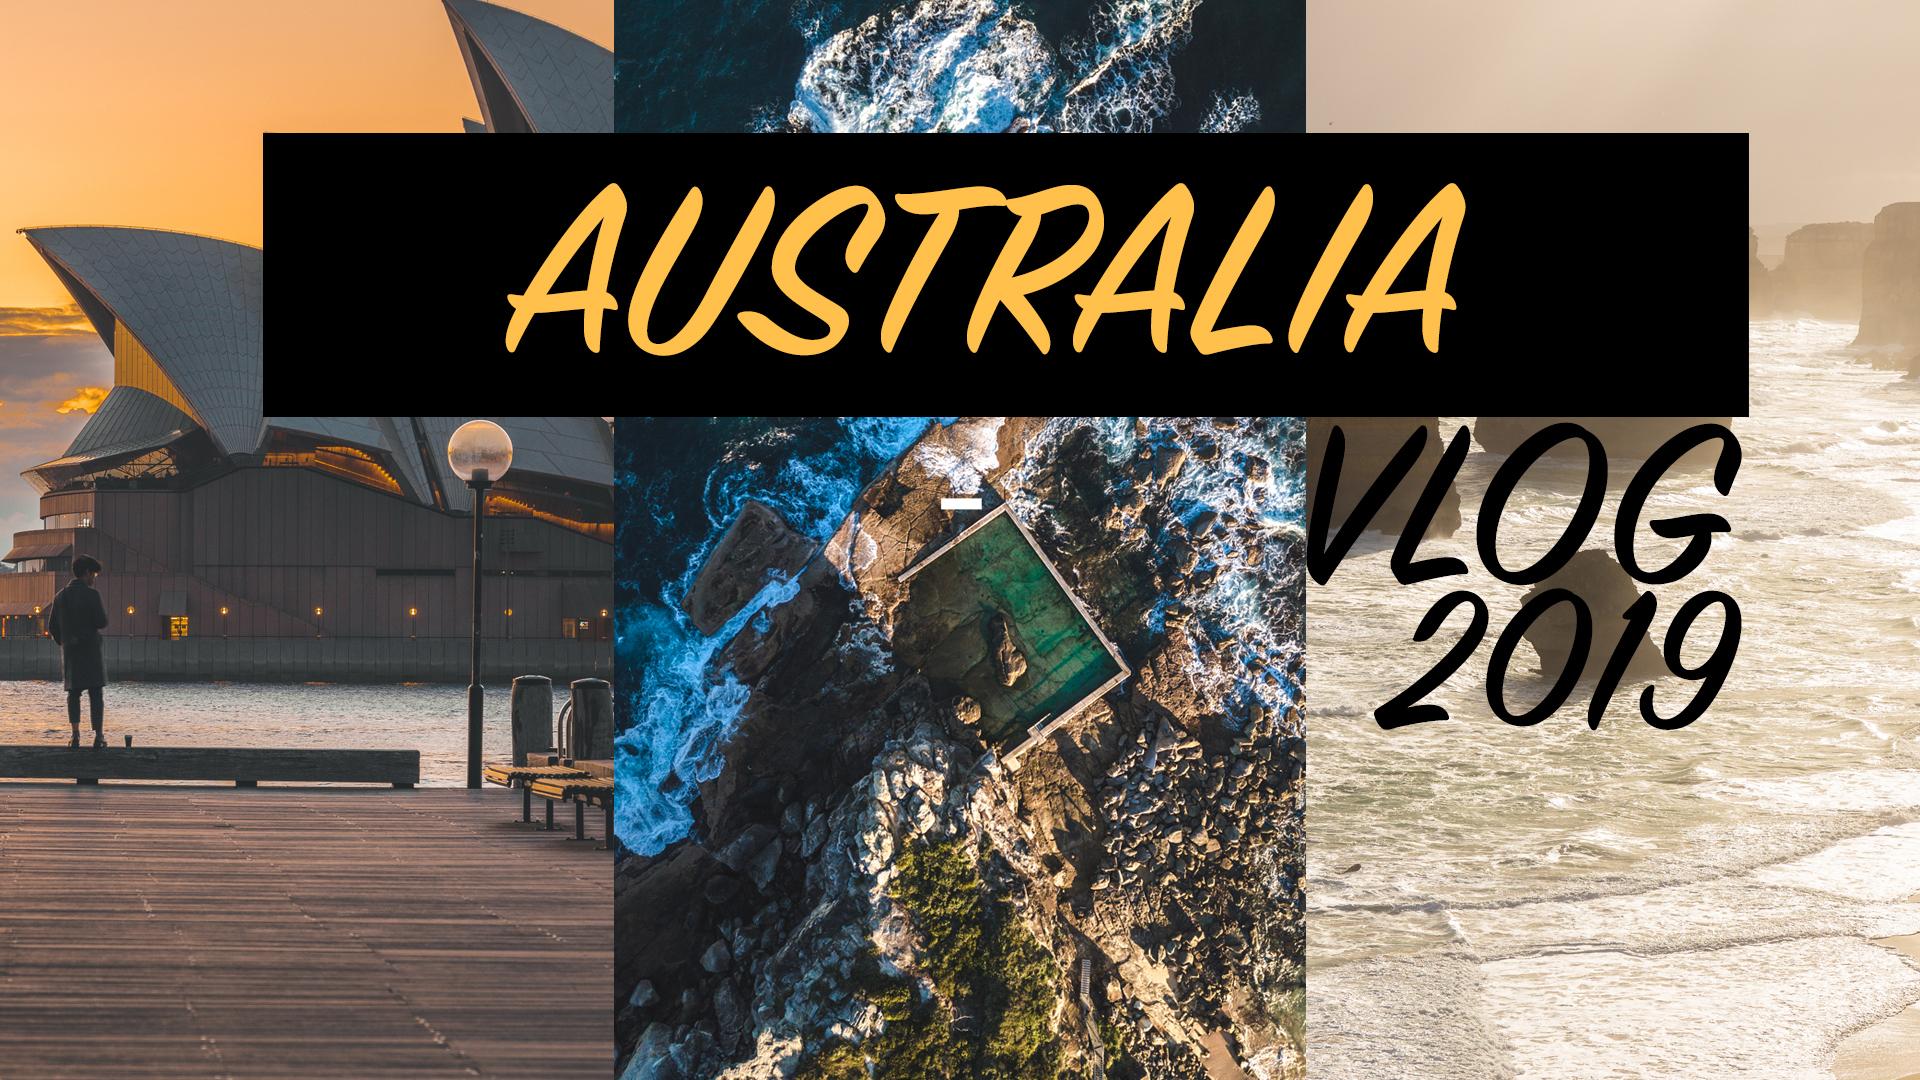 AUSTRALIA VLOG 2019